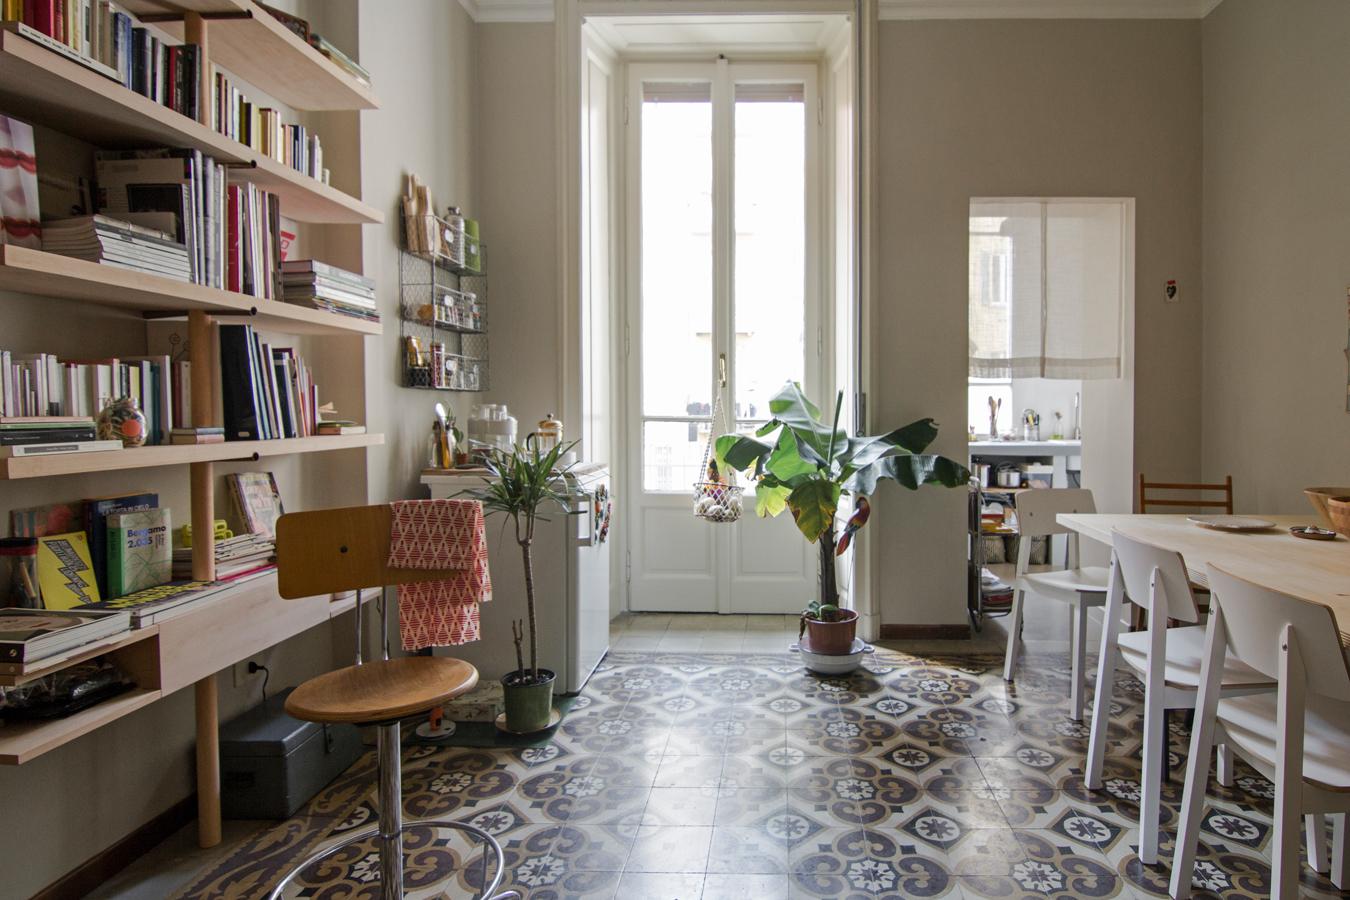 Casa in stile vecchia milano living corriere for Casa in stile scandole